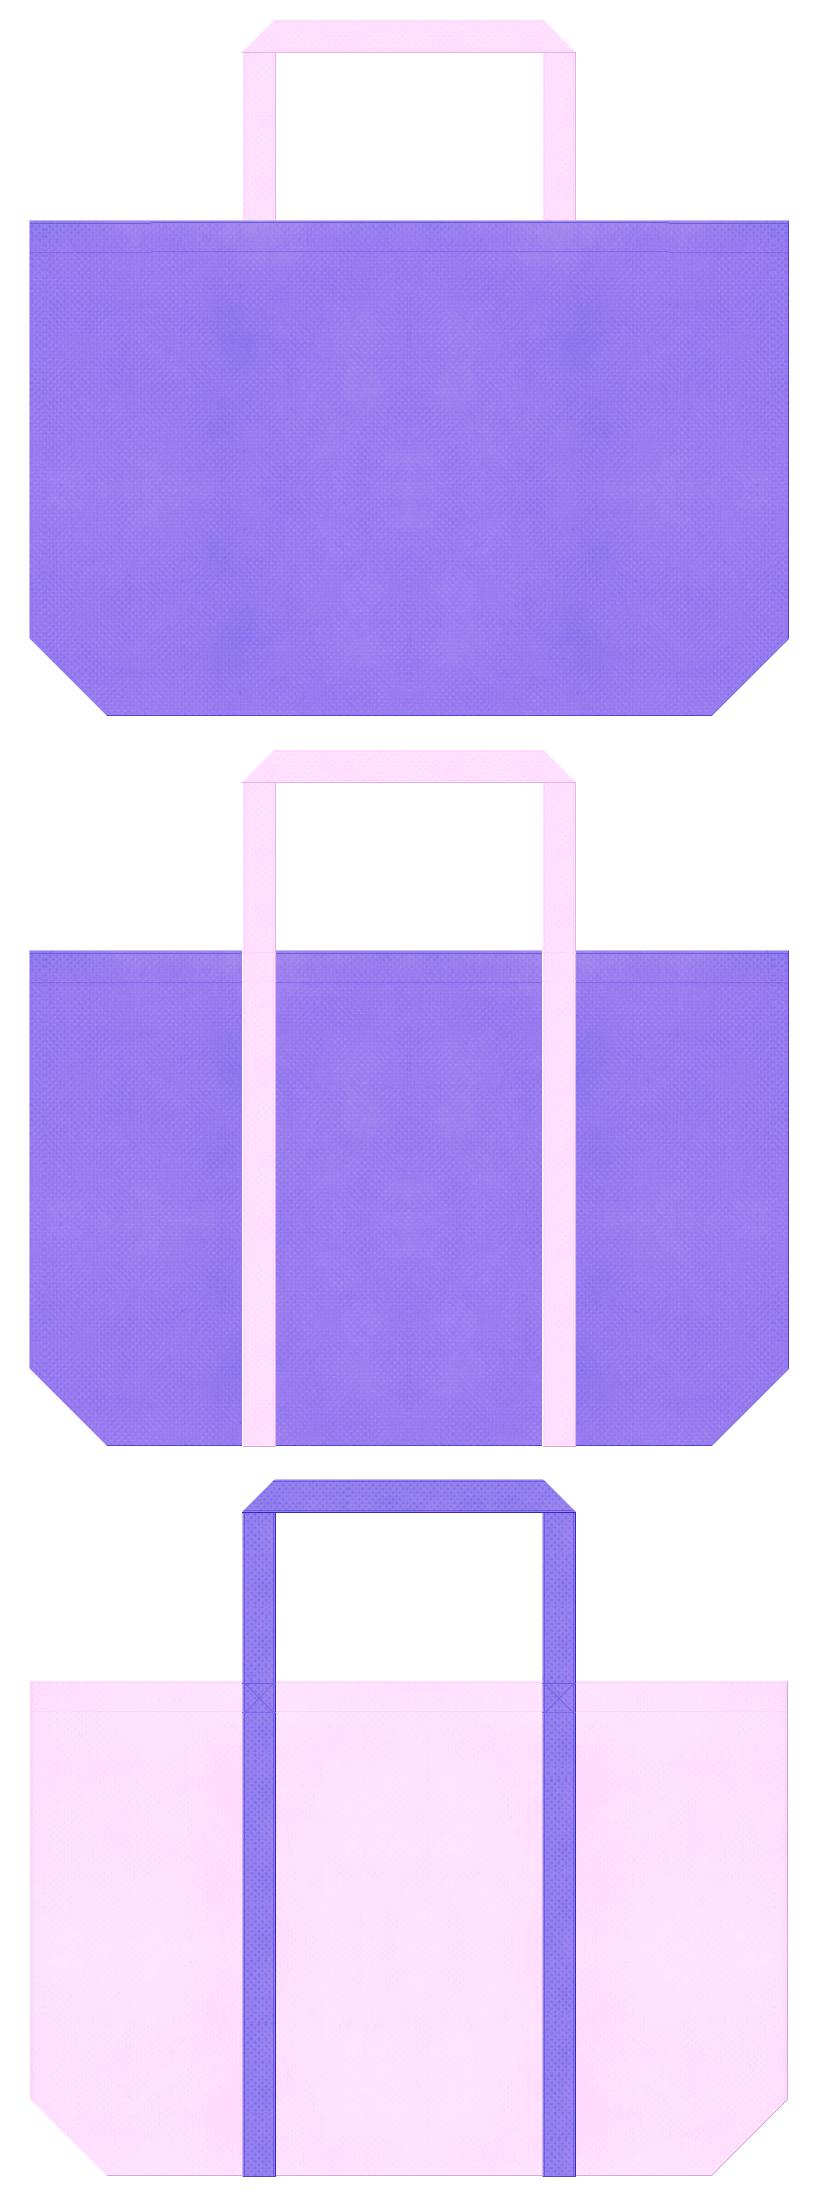 ガーリーデザイン・パステルカラーにお奨めの不織布ショッピングバッグ:薄紫色と明るいピンク色のデザイン